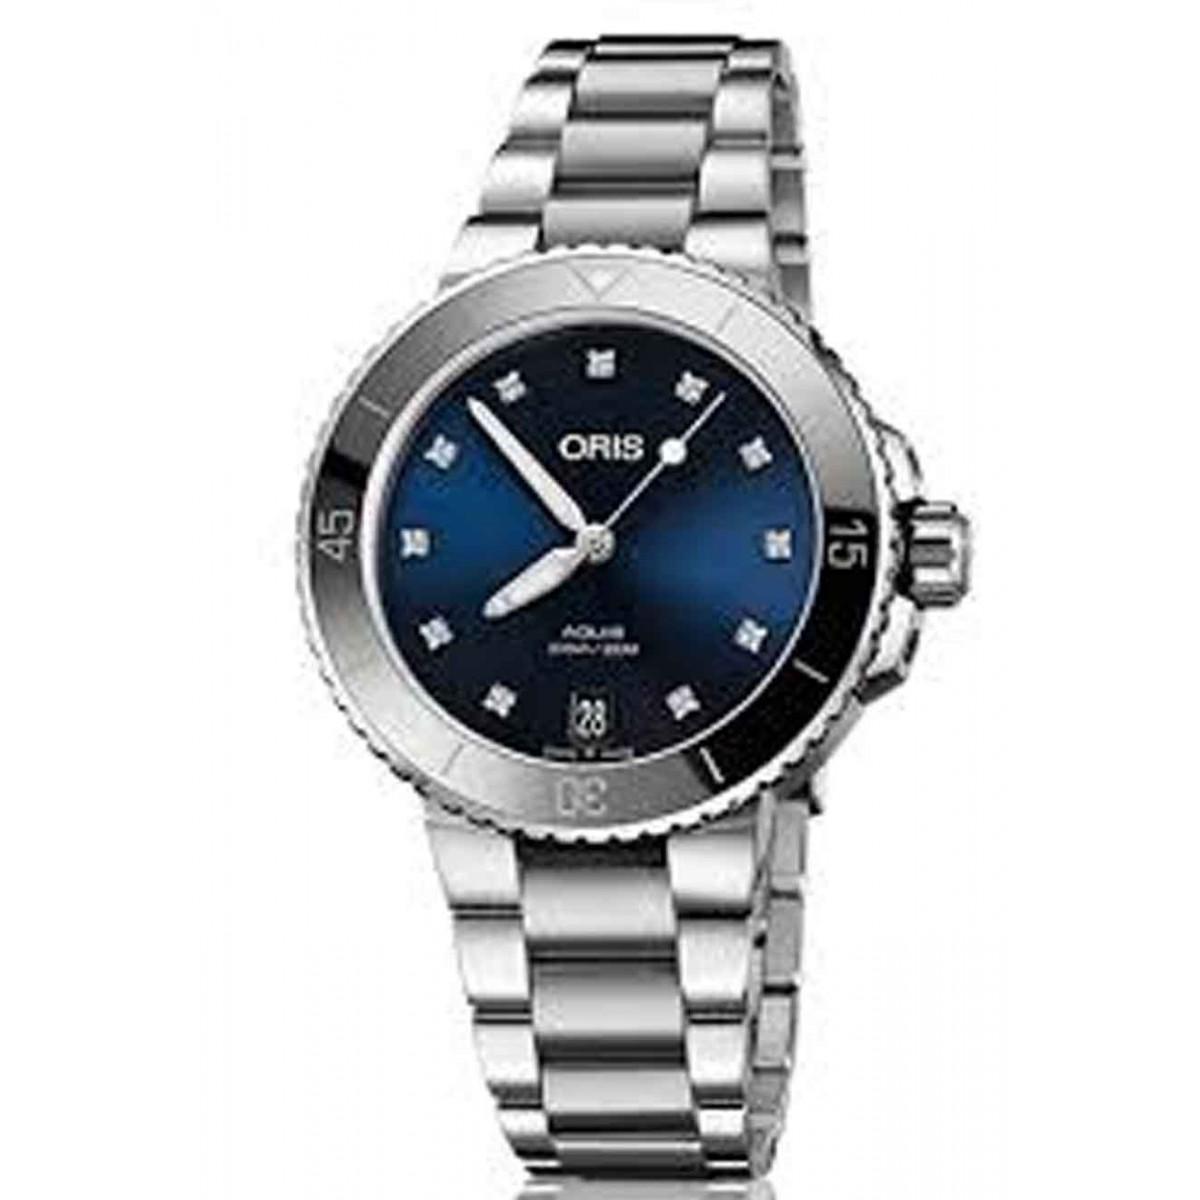 ORIS AQUIS DATE -300 M ∅36,5 mm, Esfera azul diamantes, acero